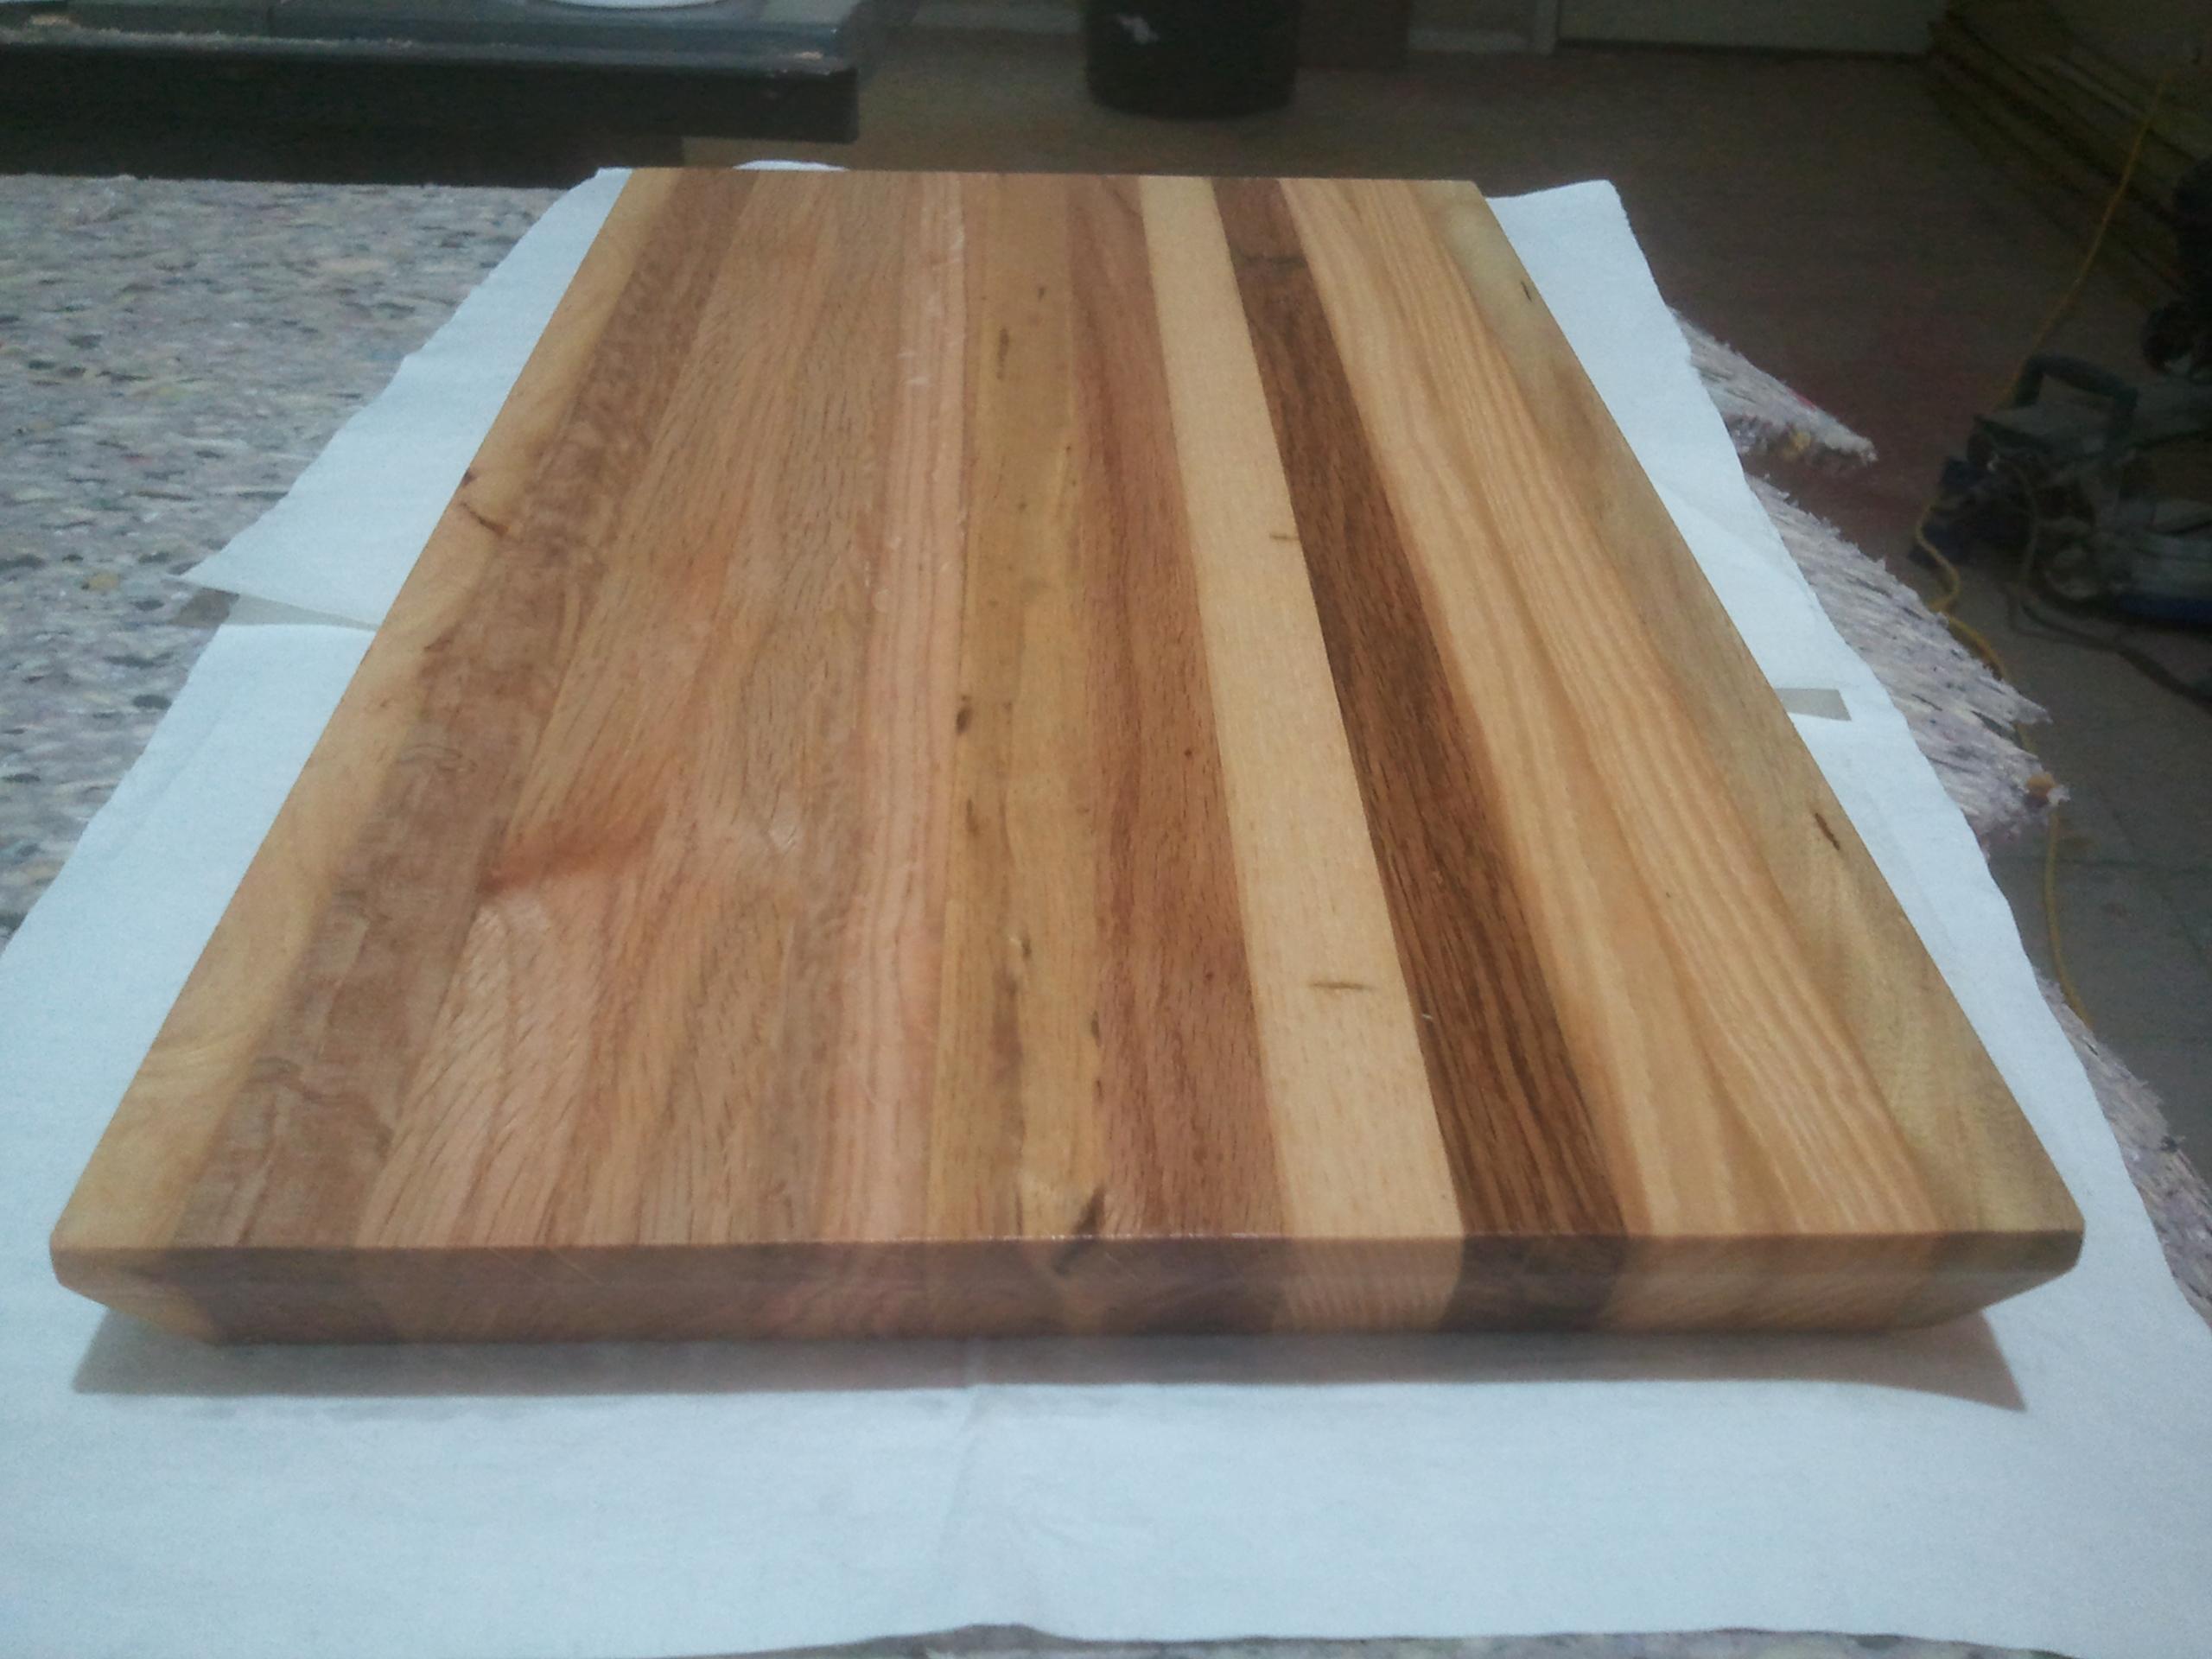 Sofa to cutting board